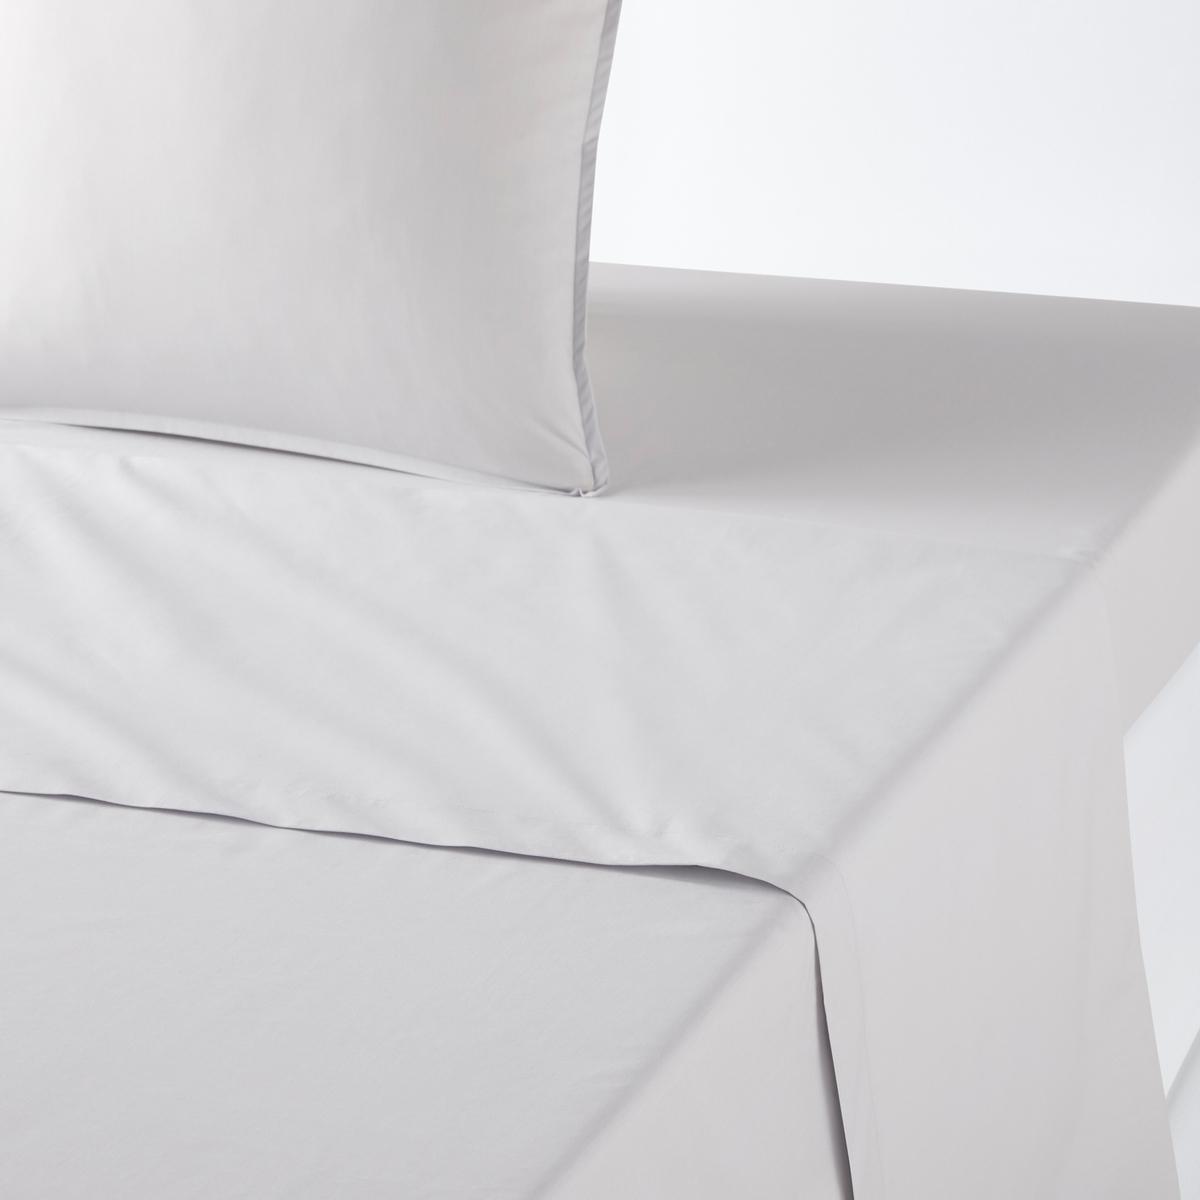 Простыня La Redoute Из перкали из биохлопка 180 x 290 см серый пододеяльник la redoute с рисунком из перкали из биохлопка kalinda 260 x 240 см синий